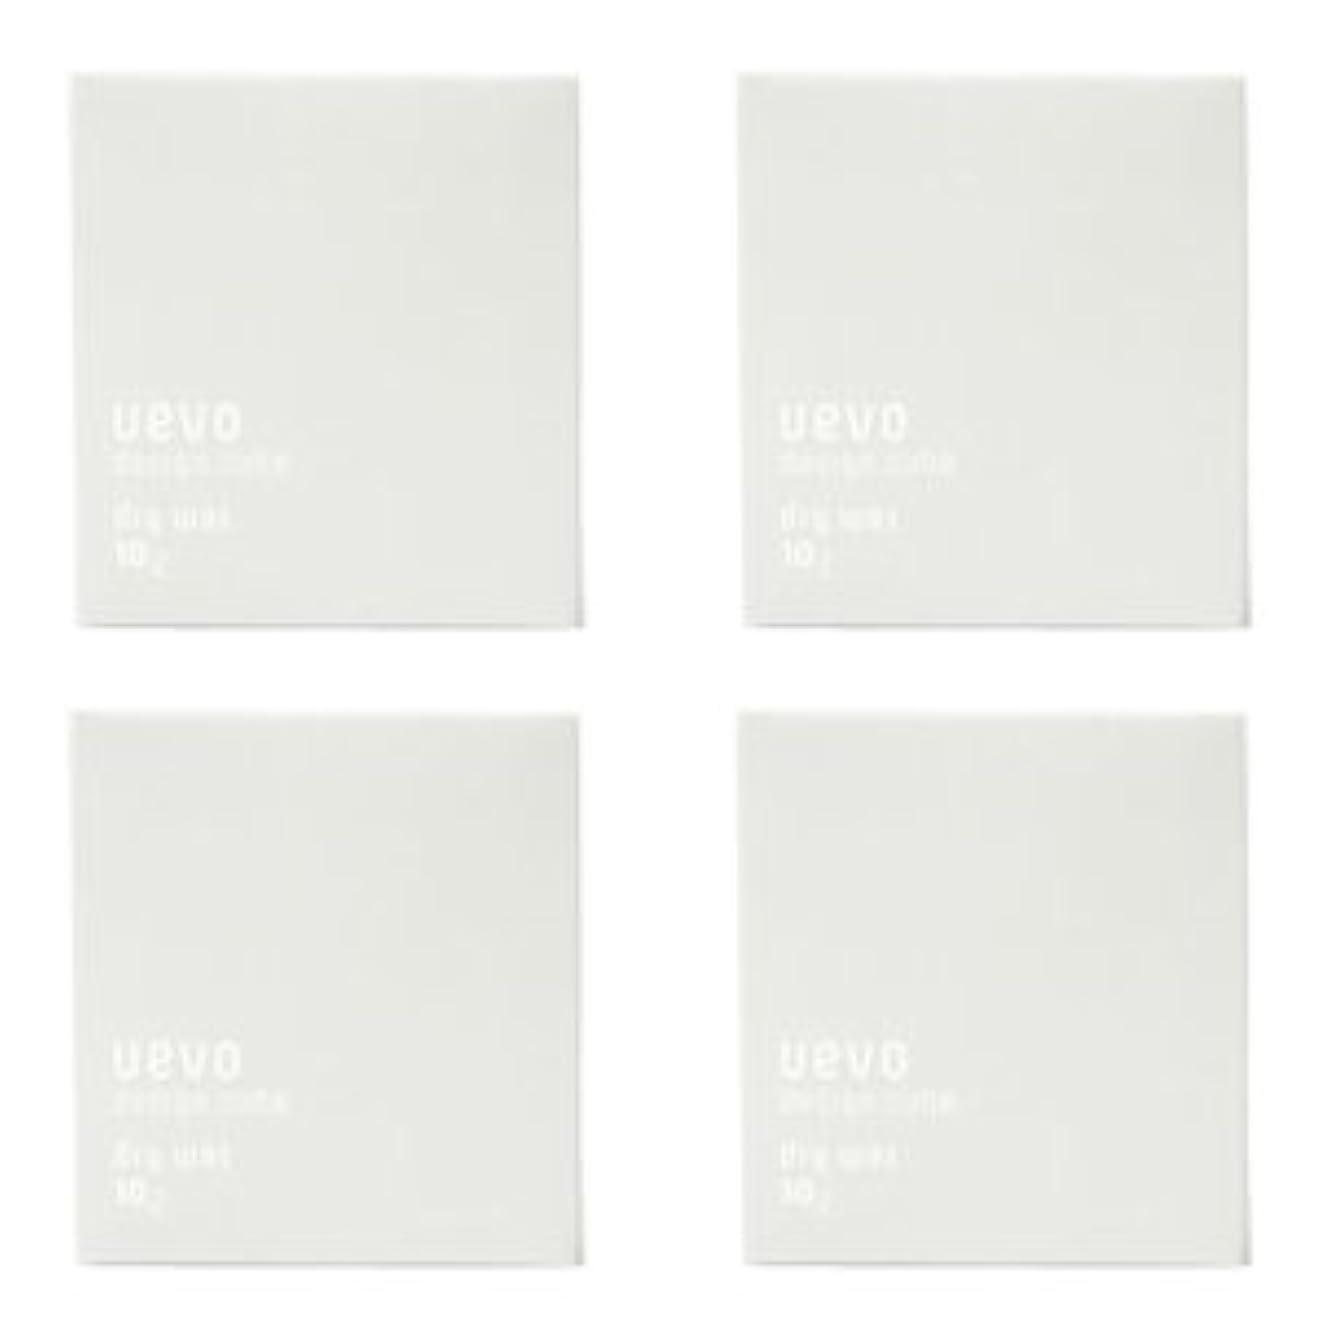 飼い慣らす共産主義者津波【X4個セット】 デミ ウェーボ デザインキューブ ドライワックス 80g dry wax